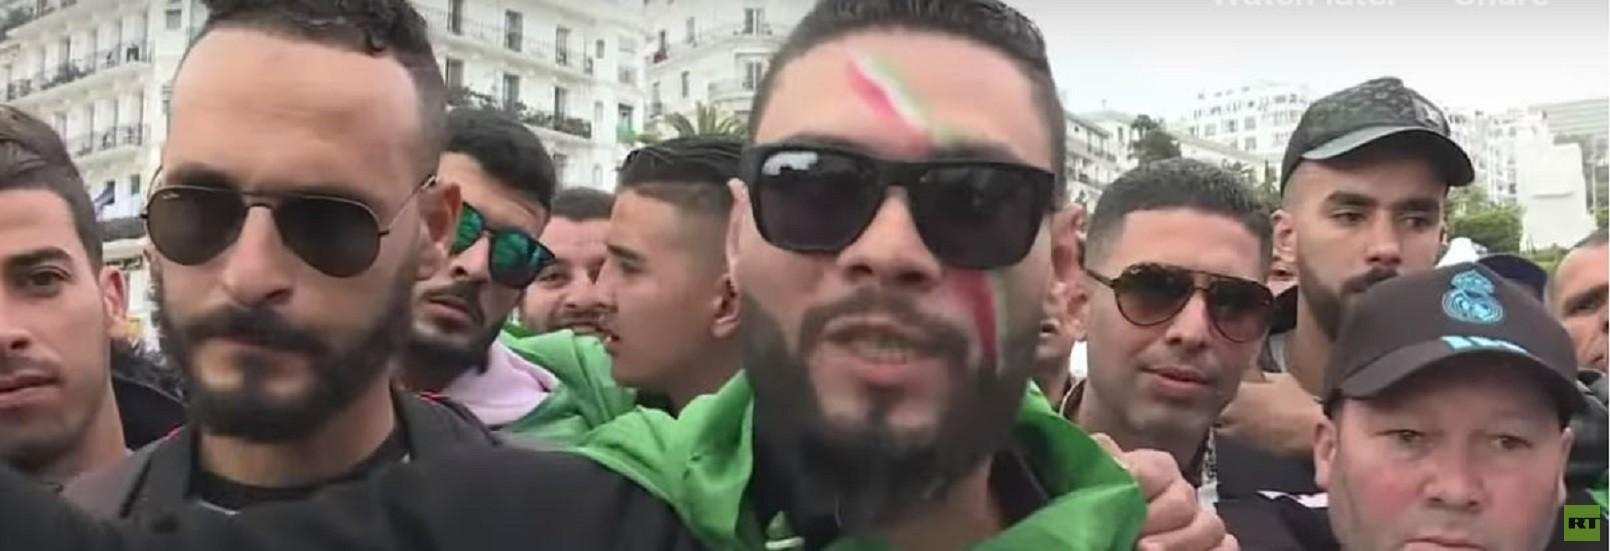 الشرطة الجزائرية تستخدم الغاز المسيل للدموع ضد مسيرة عمالية